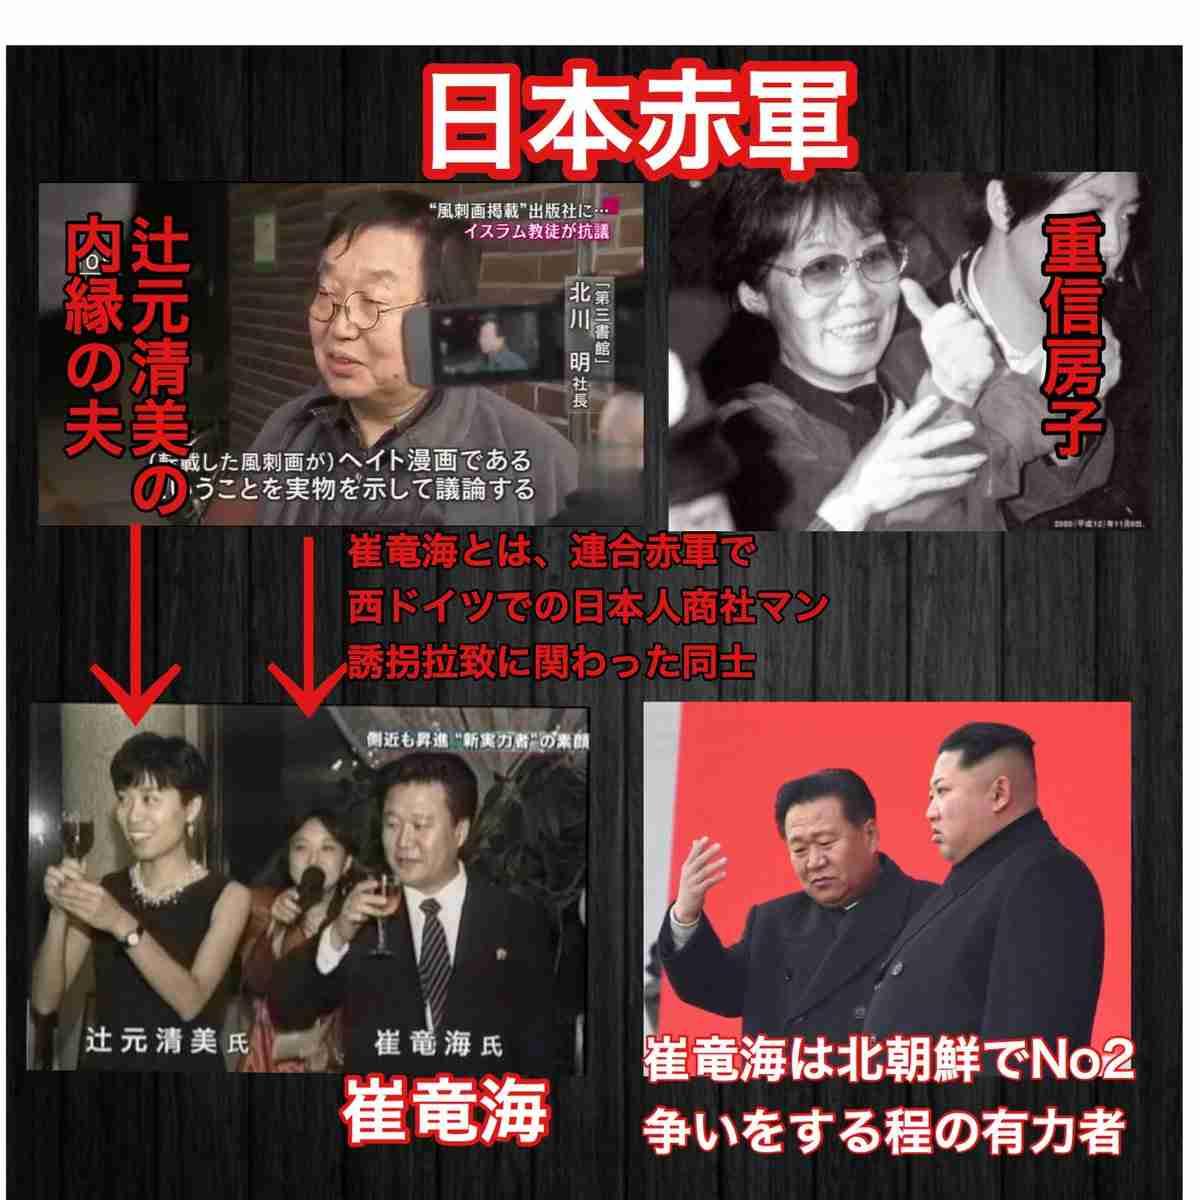 高須院長、民進党の蓮舫代表と大西健介議員を提訴へ 悪徳美容外科扱いに「怒りが収まらない」